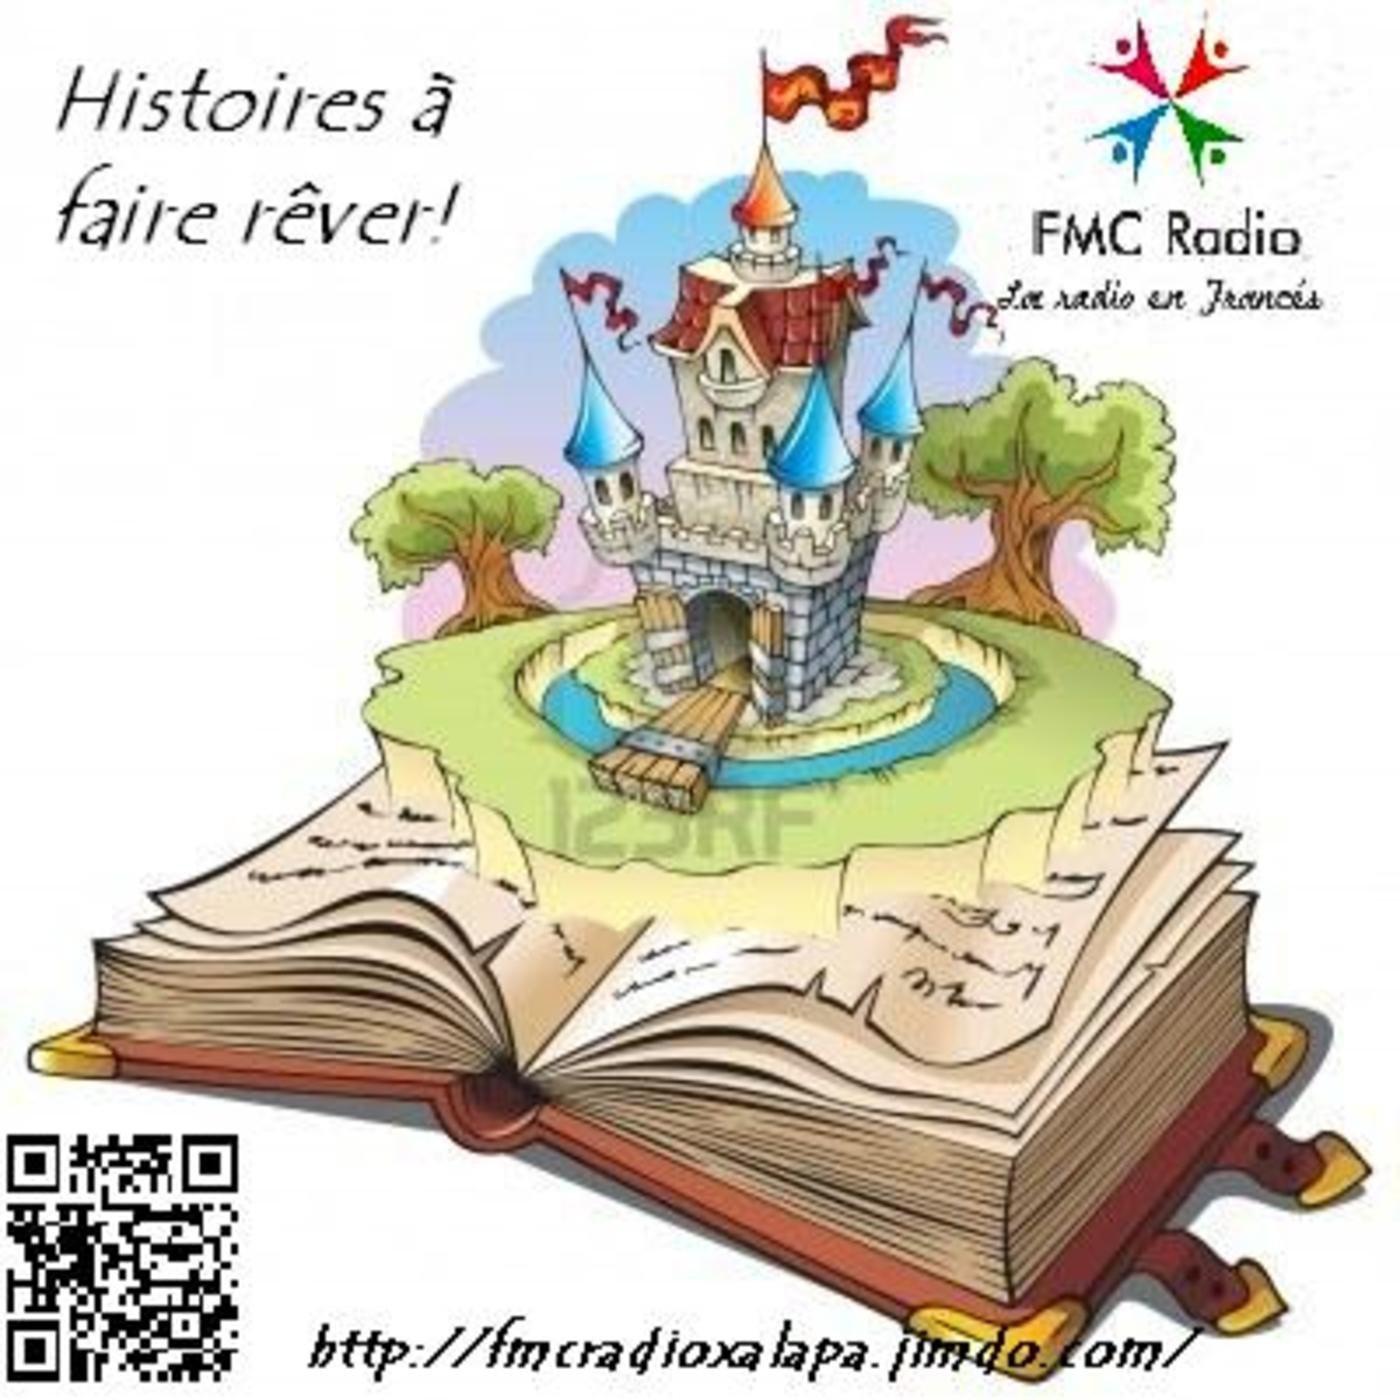 <![CDATA[HISTOIRES A FAIRE REVER ]]>